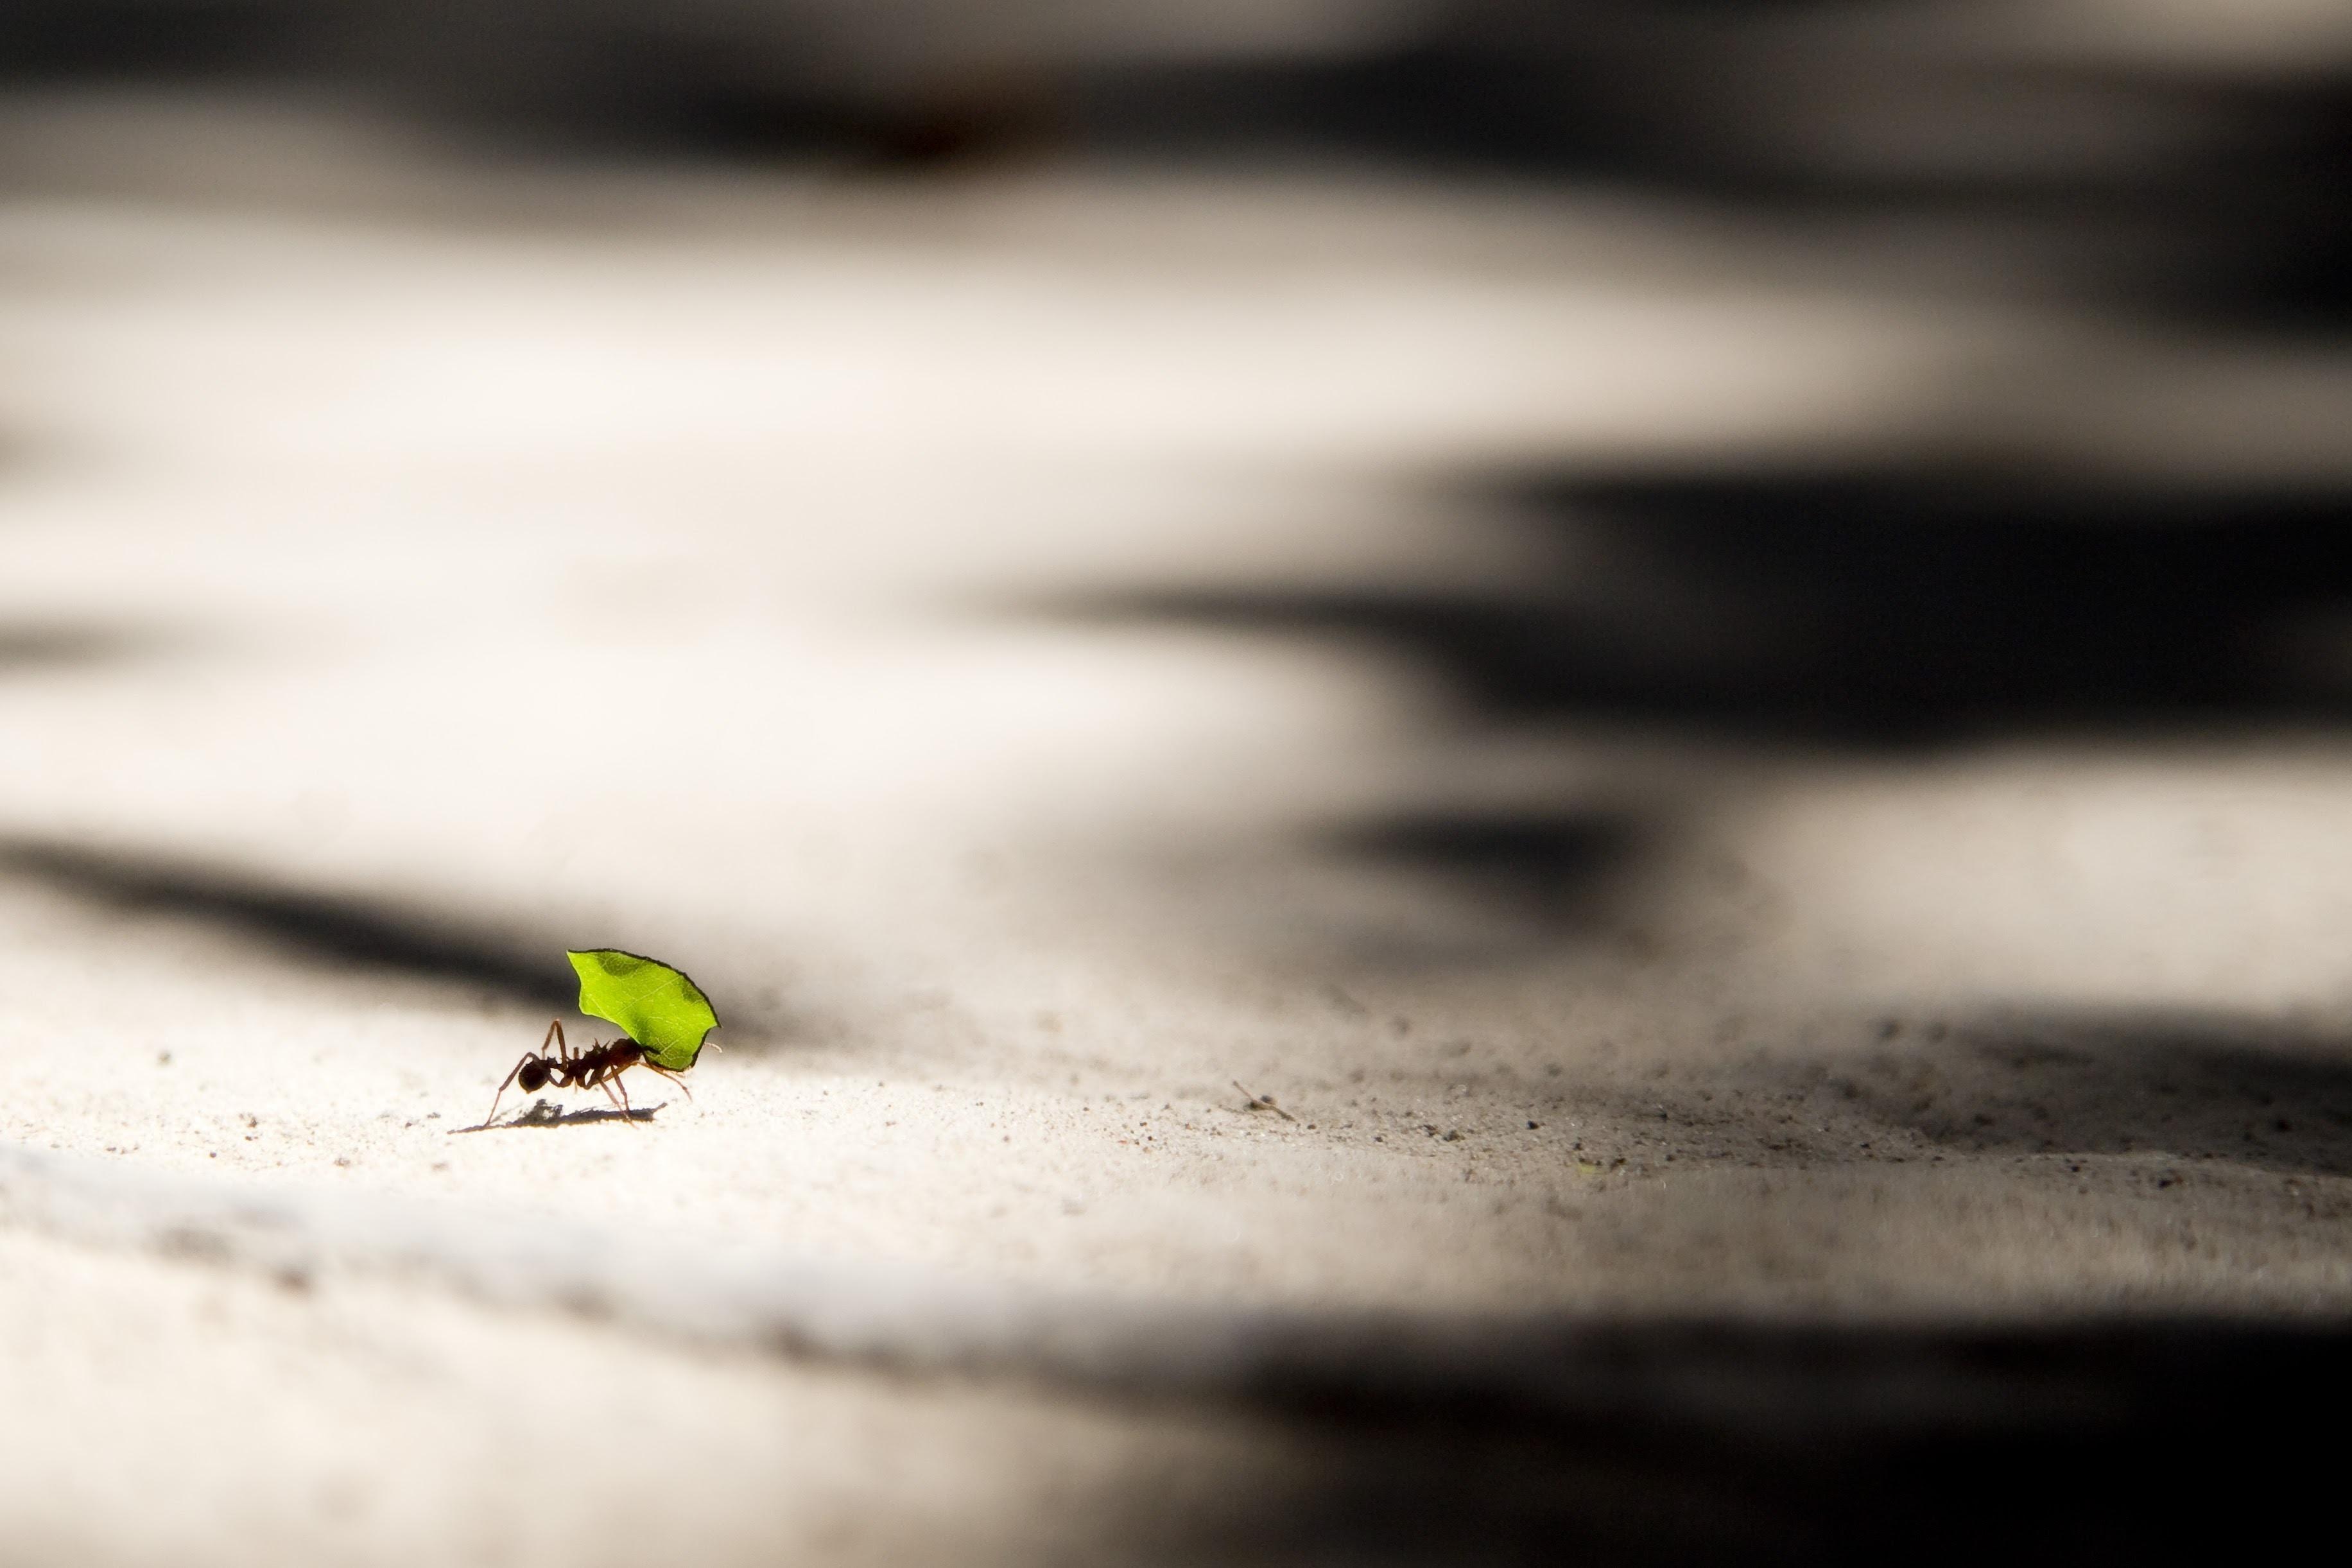 Semut Termasuk Hama Serangga